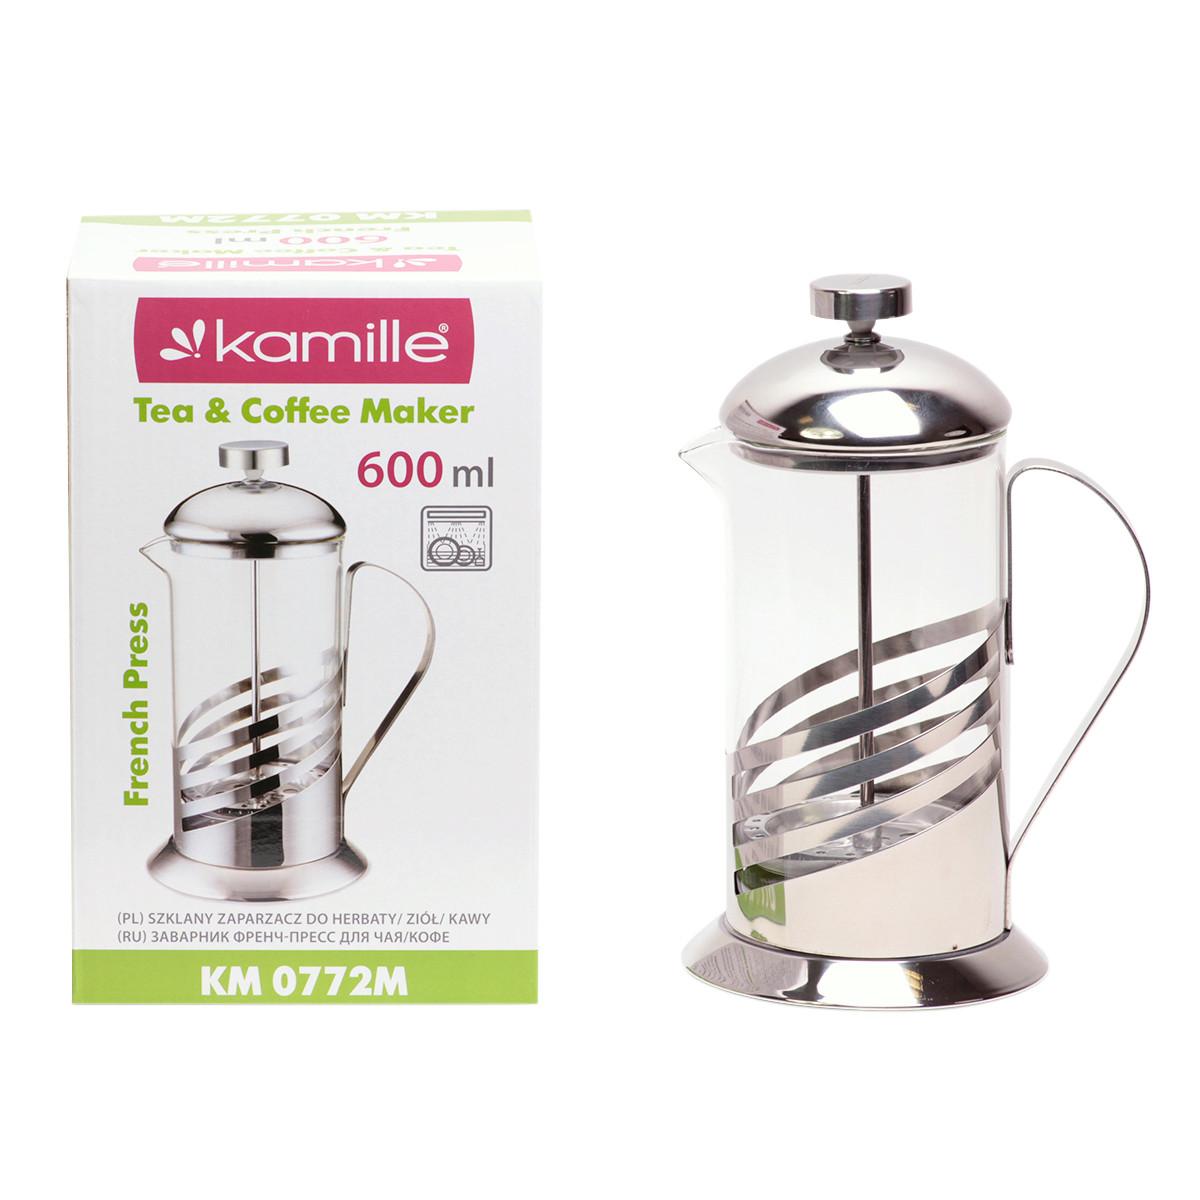 Френчпресс Kamille 600мл (нержавеющая сталь, стекло) KM-0772M